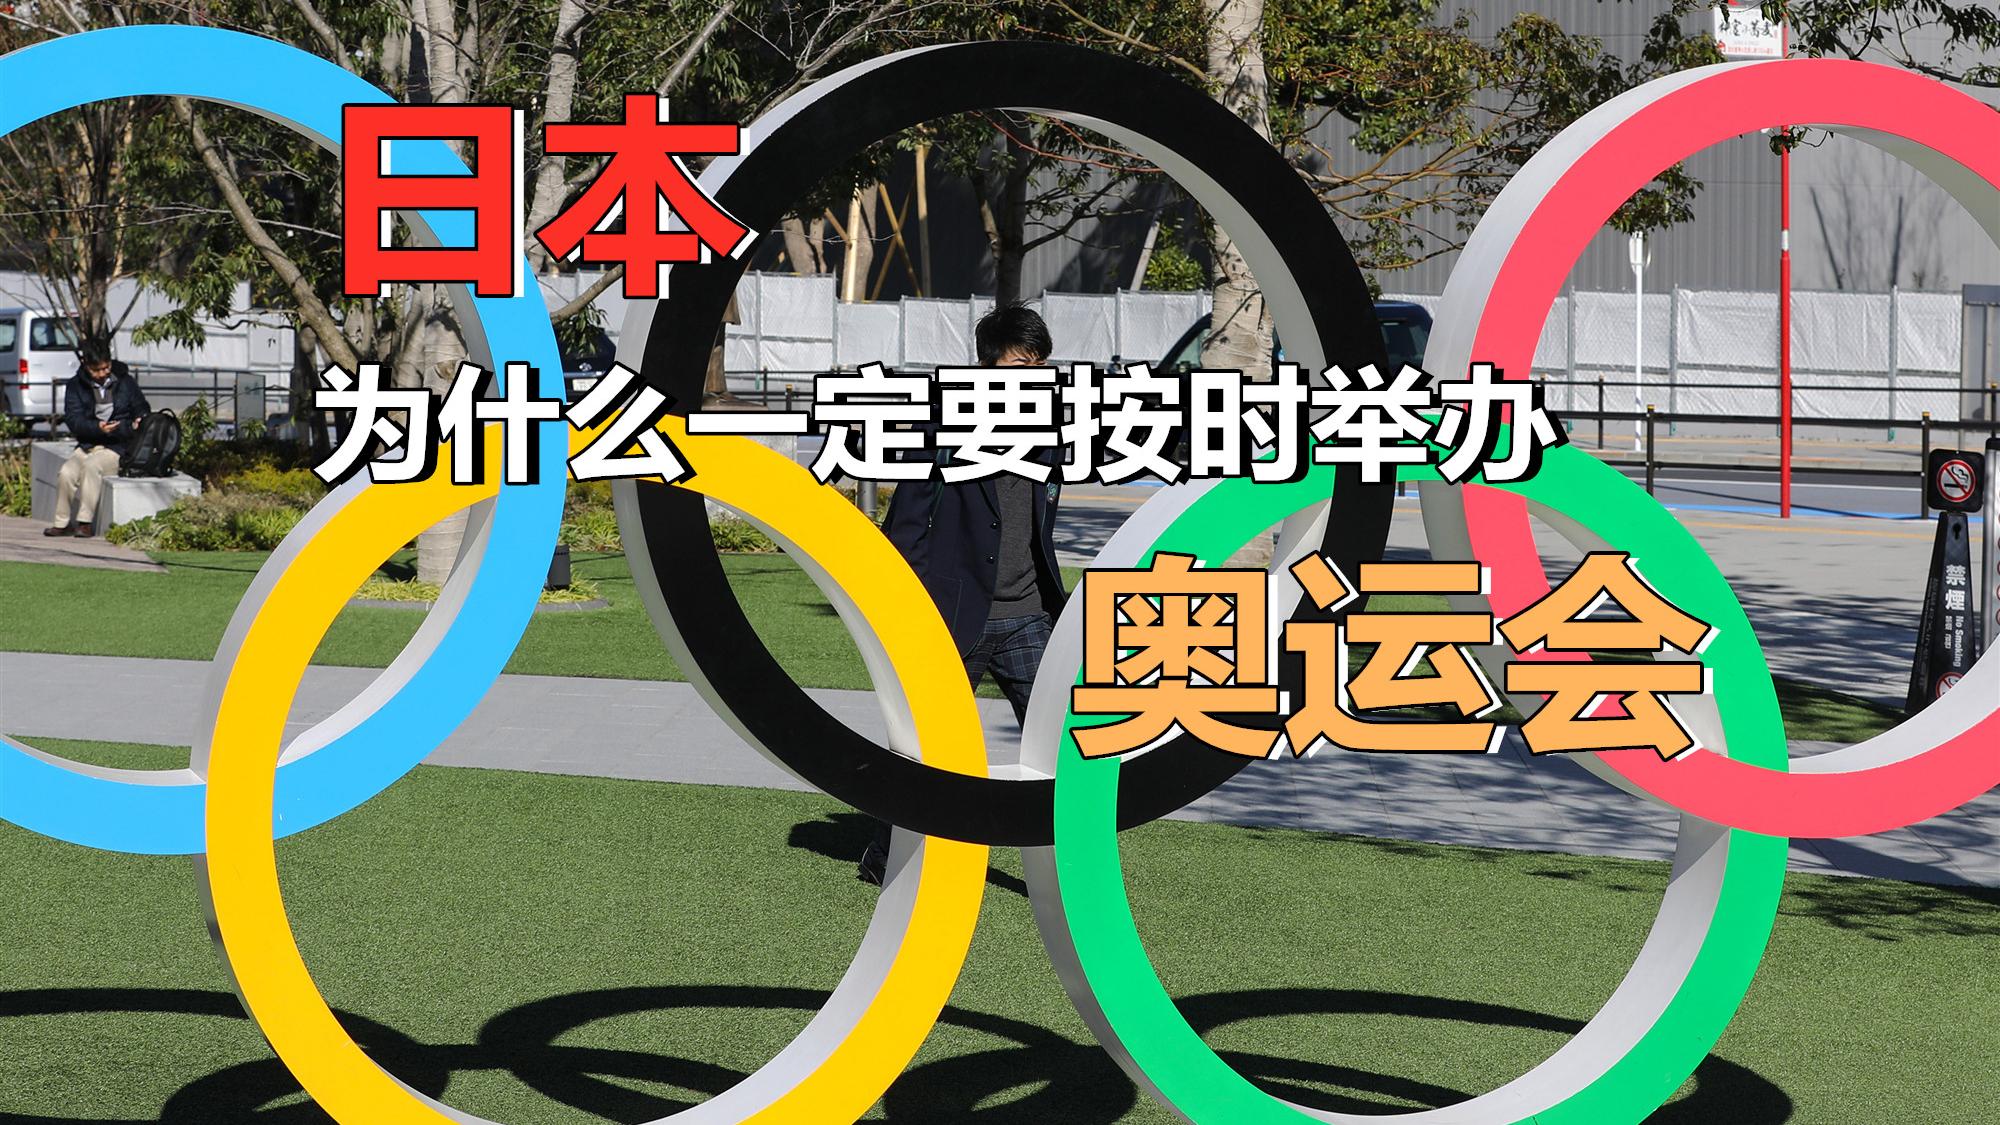 【李某谈】为什么日本执意要按时举办奥运会?我来分析分析